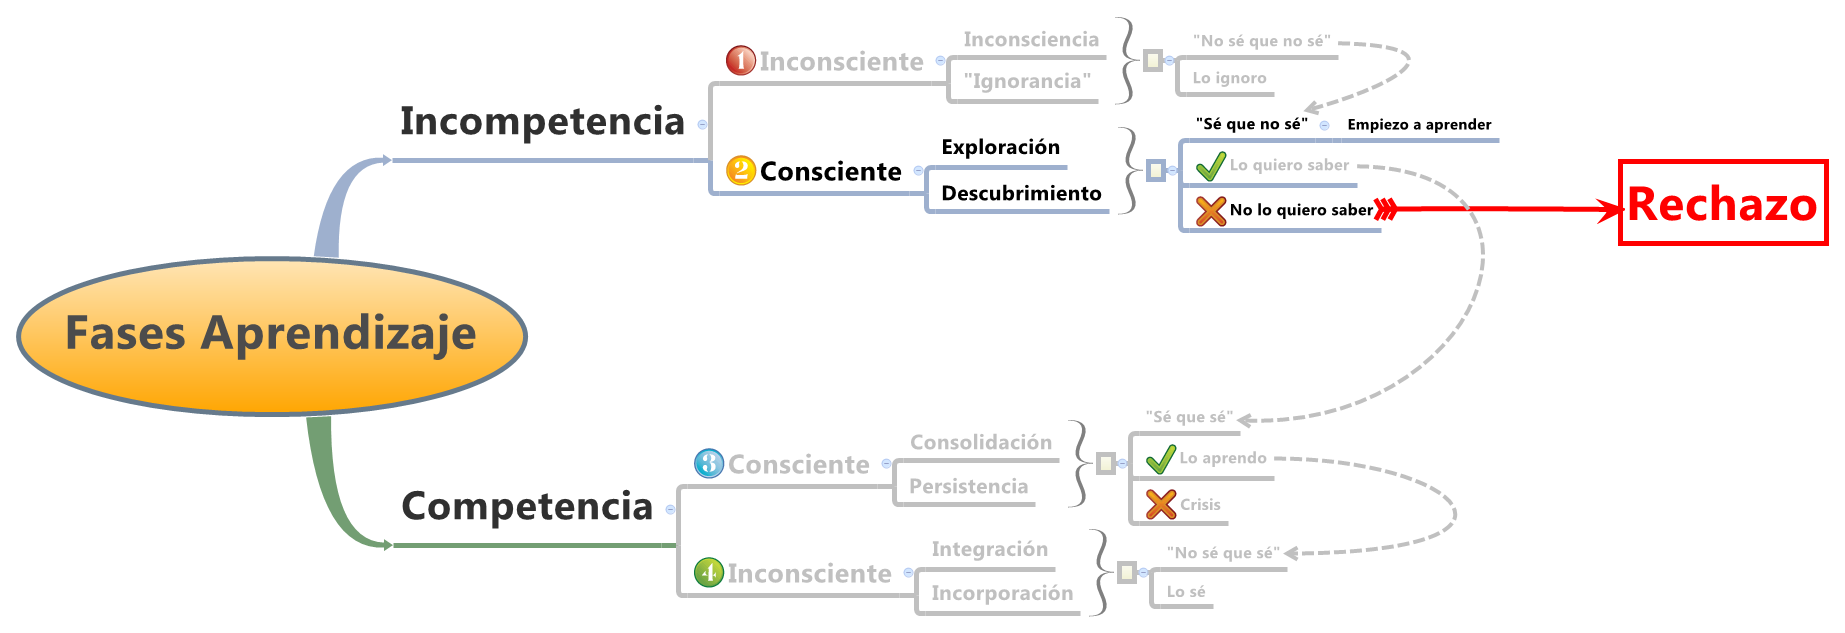 Evolución desde la Incompetencia Inconsciente a la Competencia Inconsciente, pasando por la Incompetencia Consciente, por la Competencia Consciente y por otras posibles situaciones (como el Rechazo, por ejemplo)